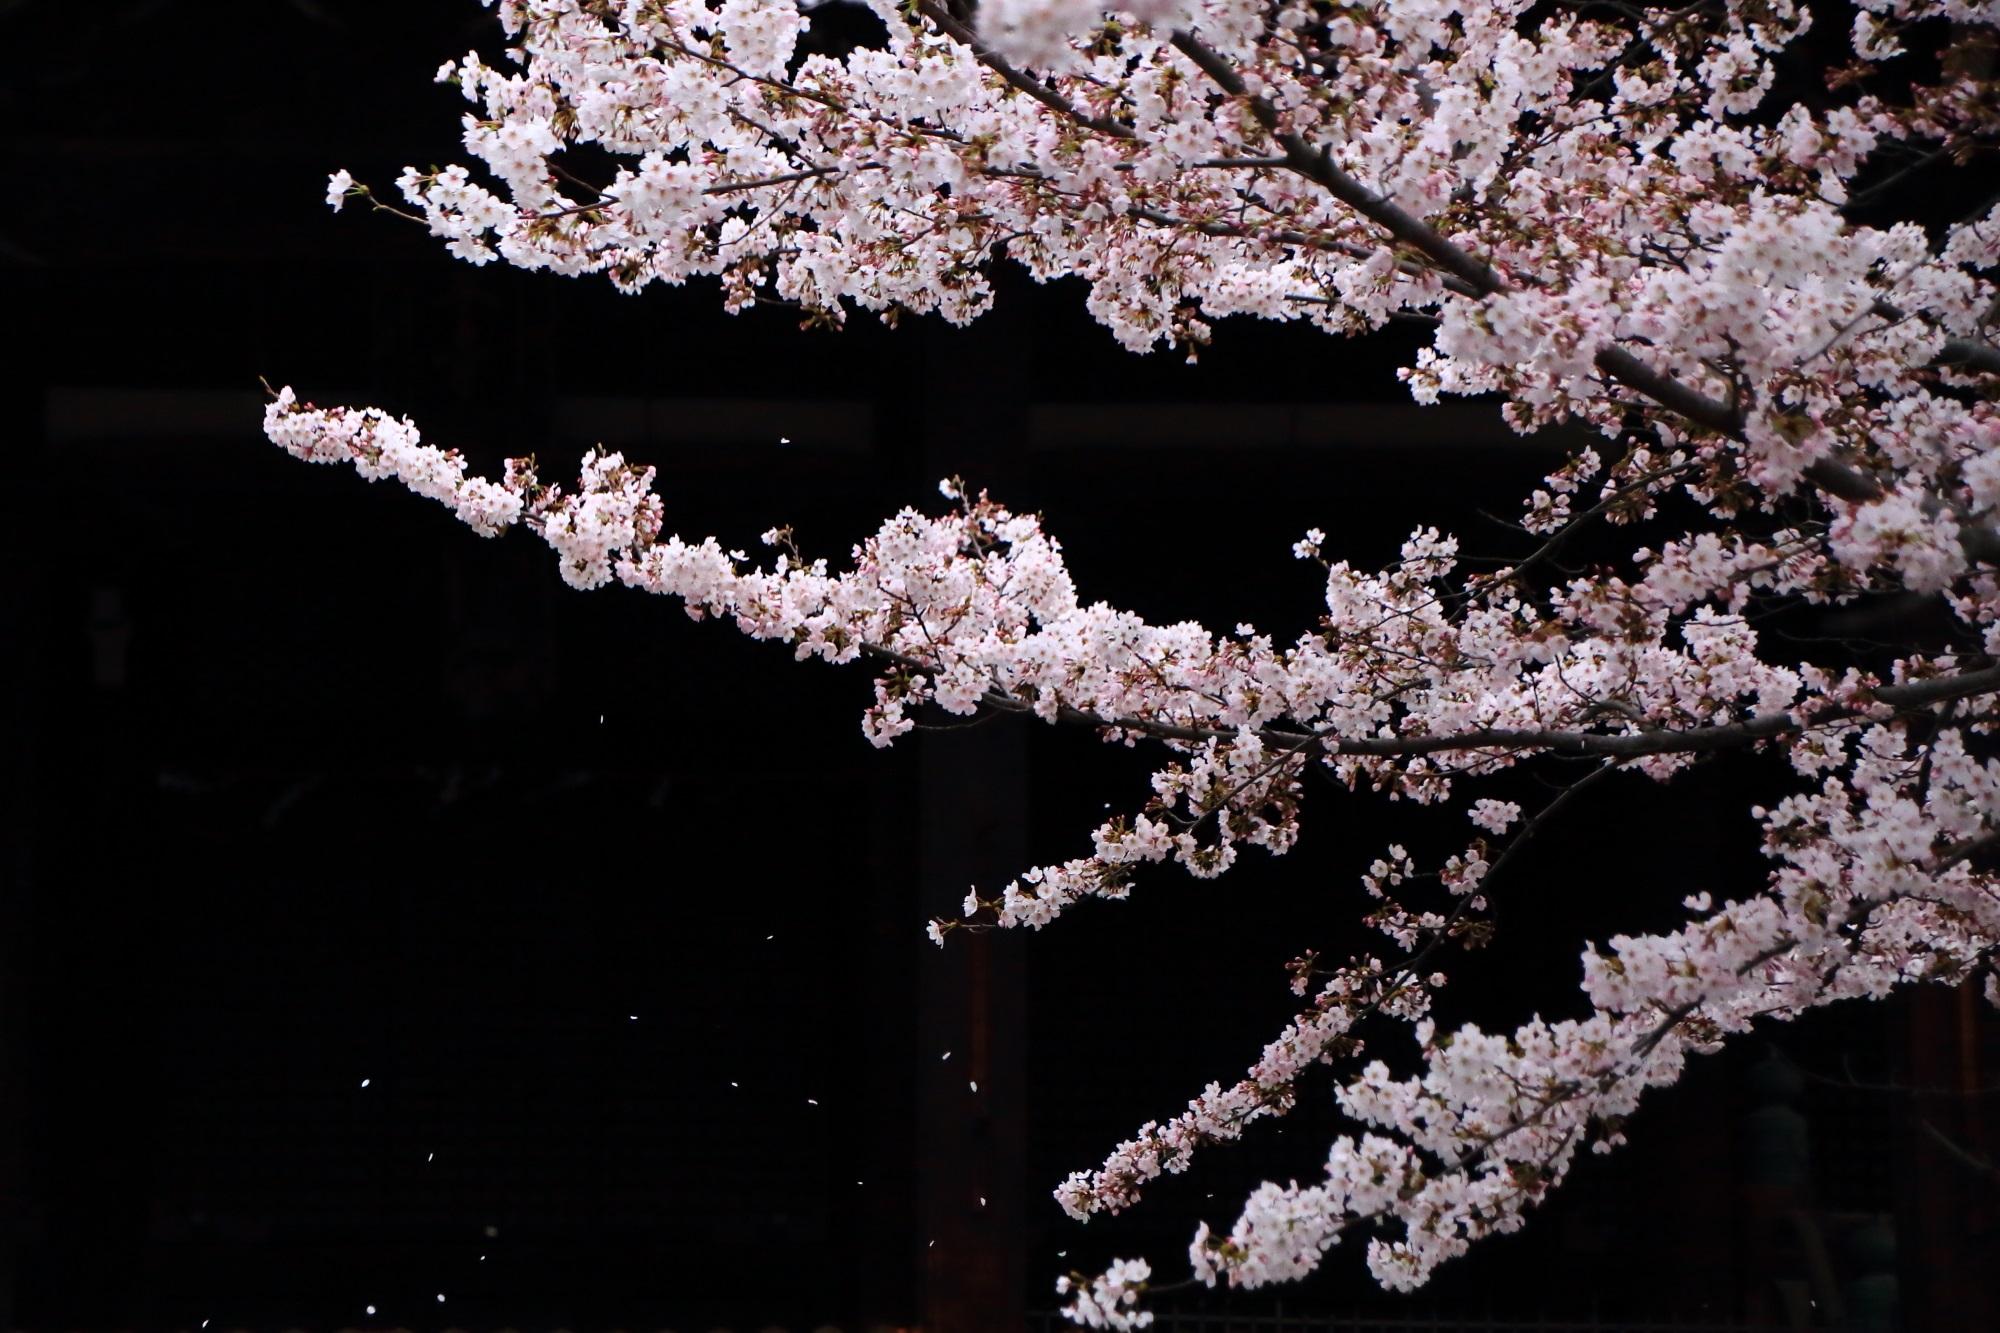 風に揺らいで華やかに散る桜